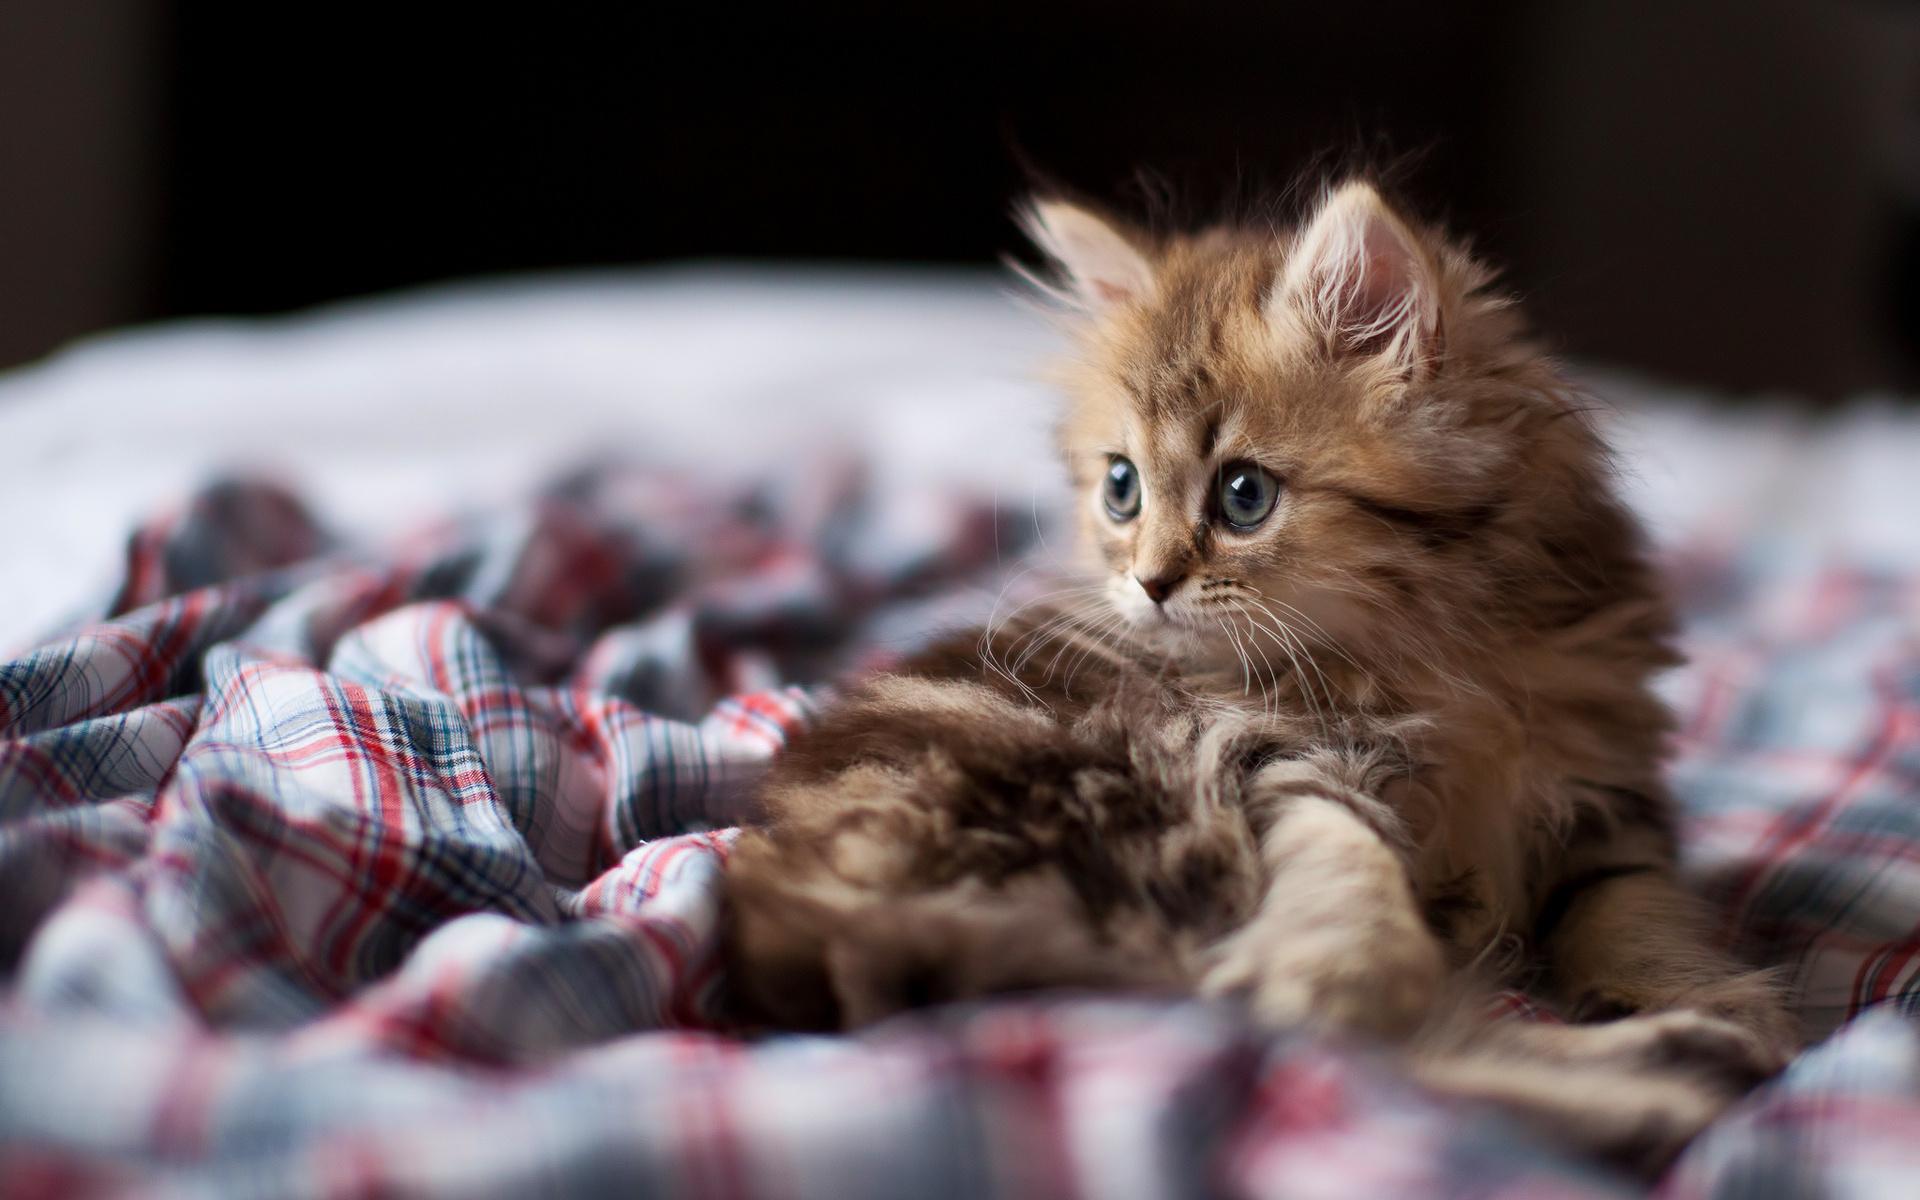 Самый милый котенок картинка